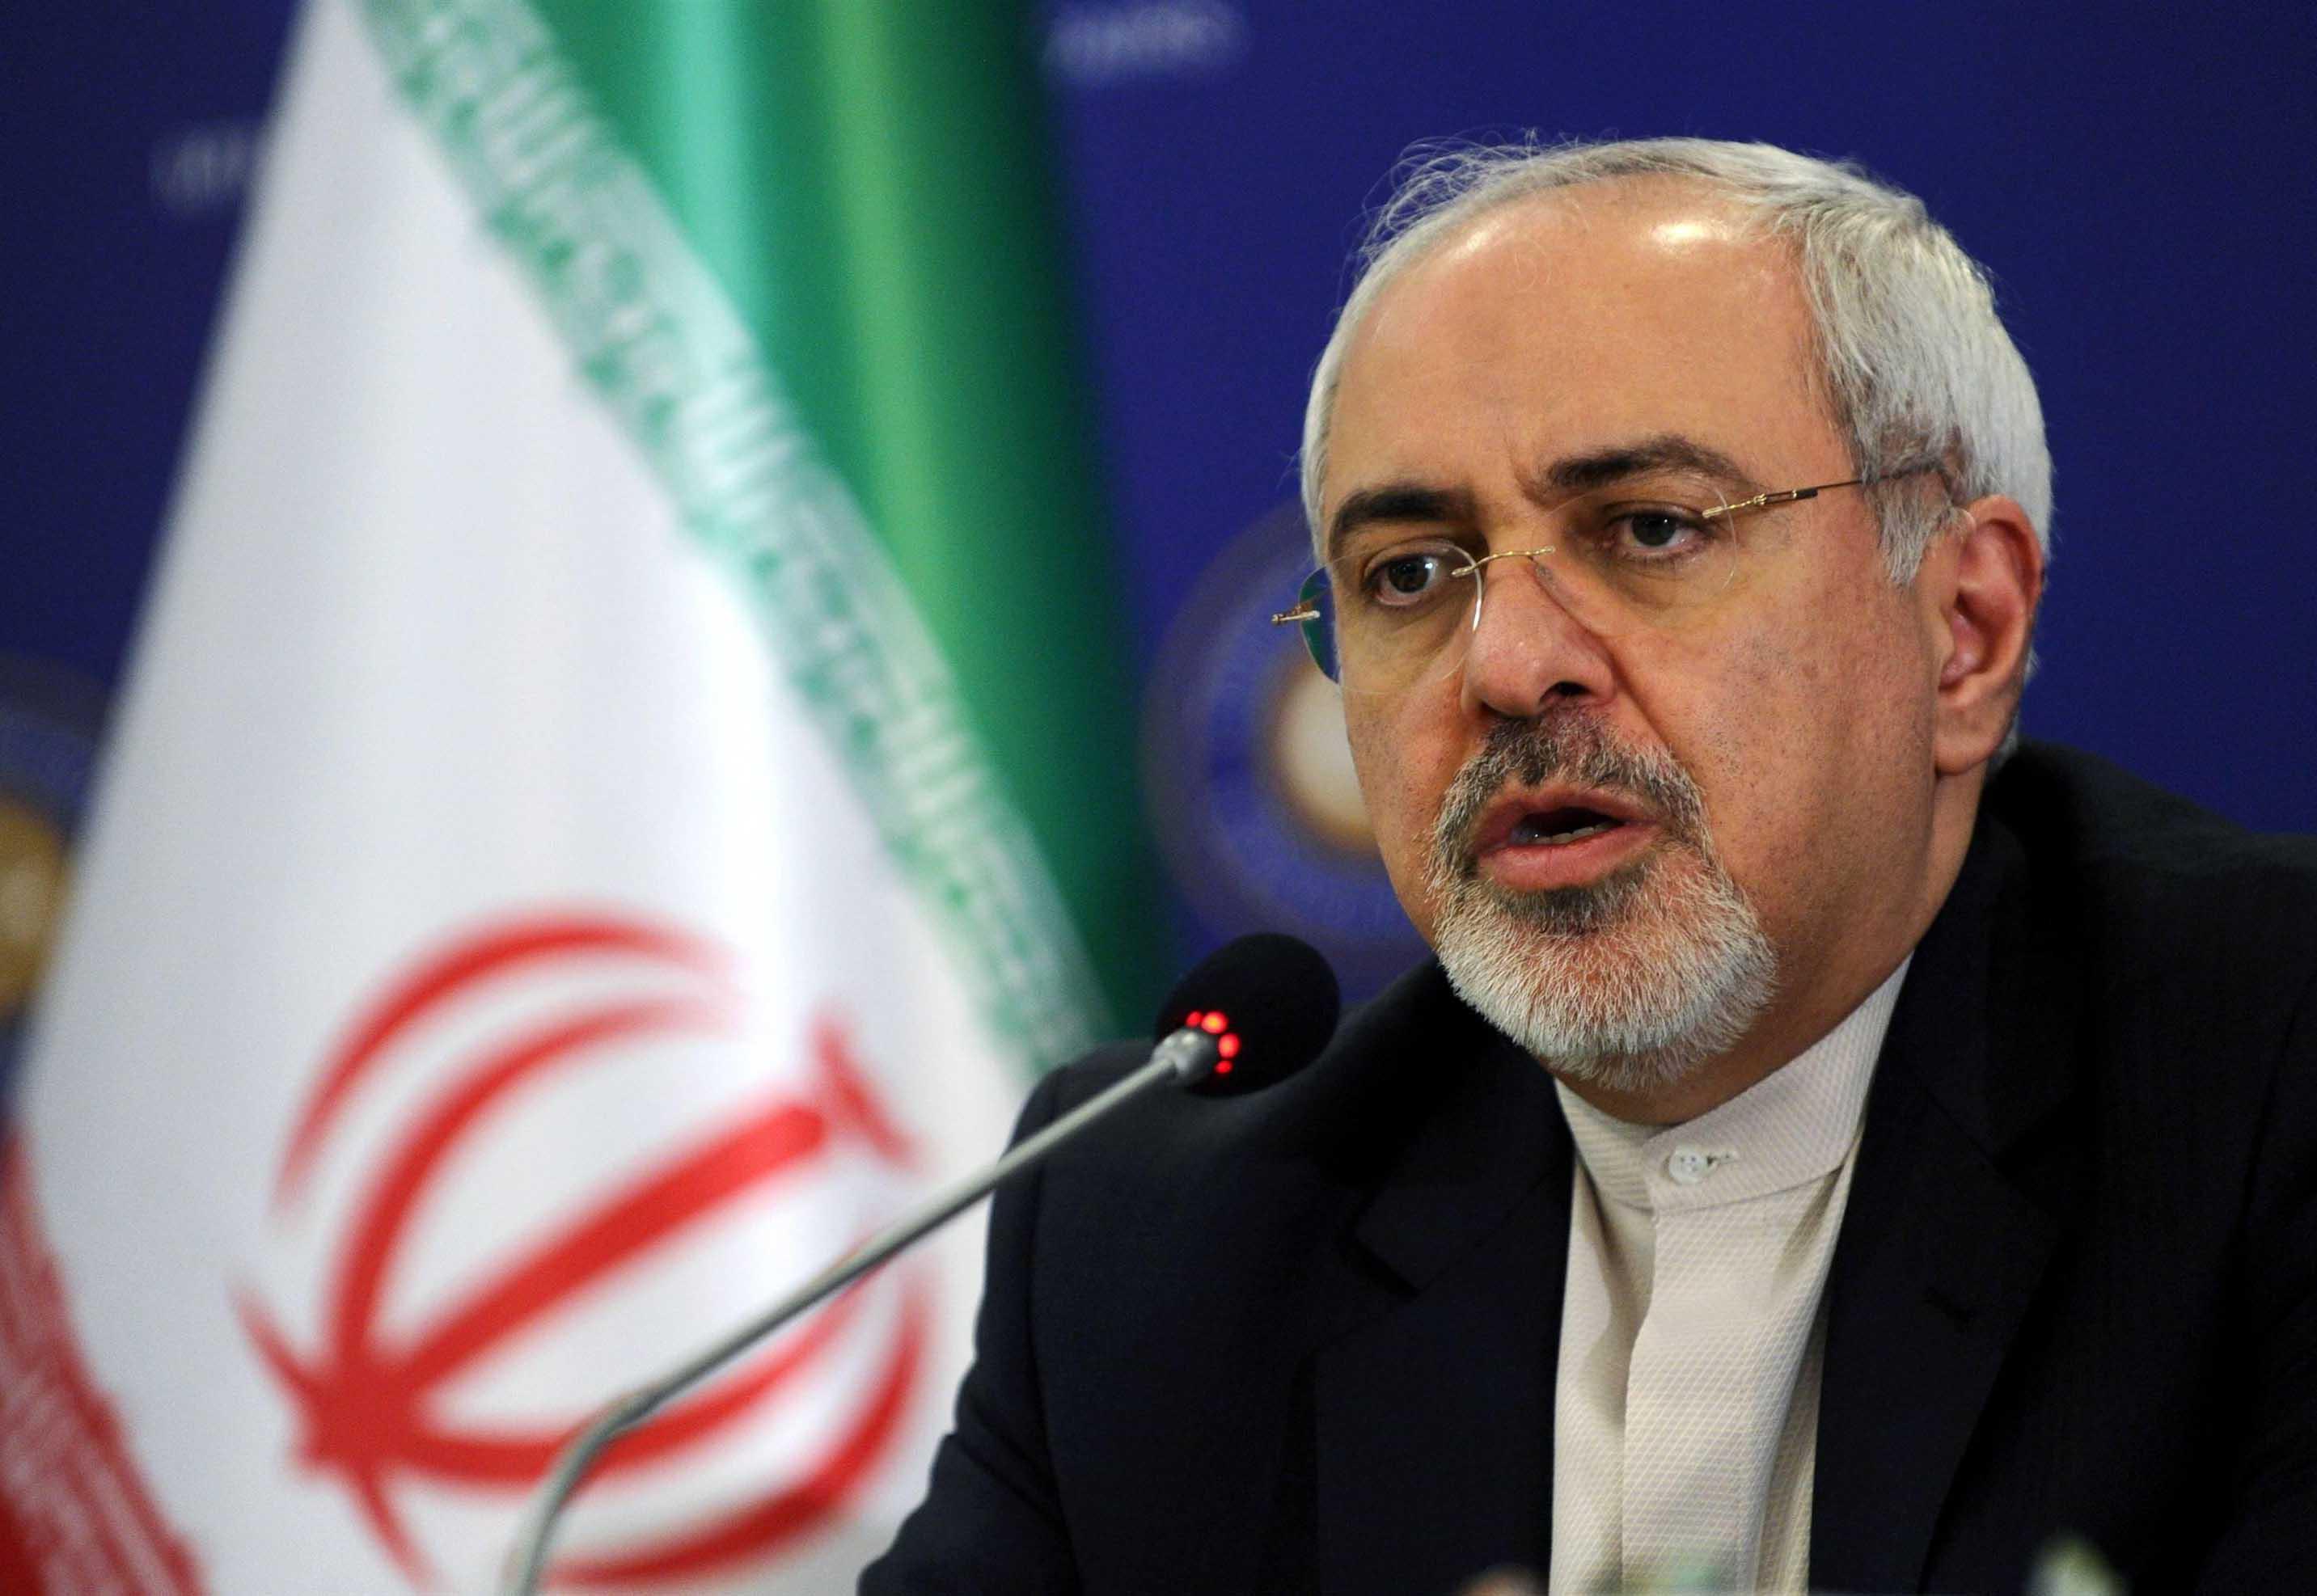 ظریف: لقب «تروریست» برازنده خود ترامپ است / ایران پایان ترامپ را خواهد دید ولی ترامپ هرگز پایان ایران را نخواهد دید